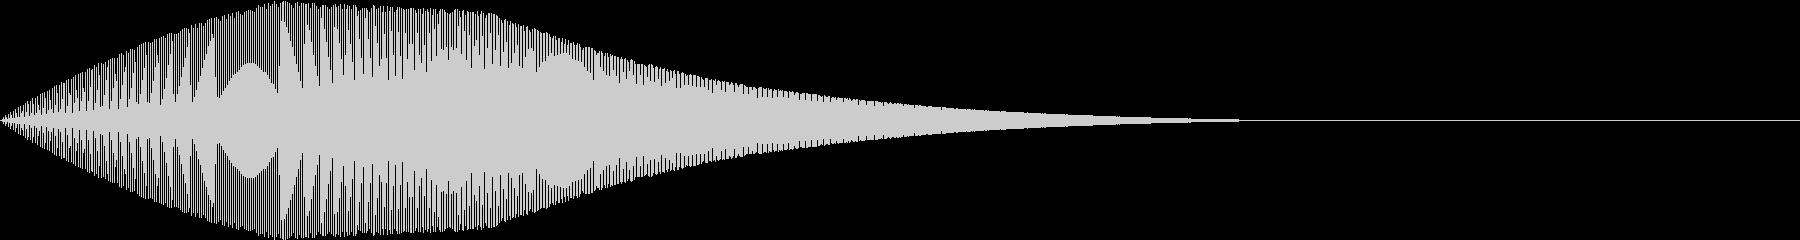 Mario マリオ風ジャンプ音 2の未再生の波形